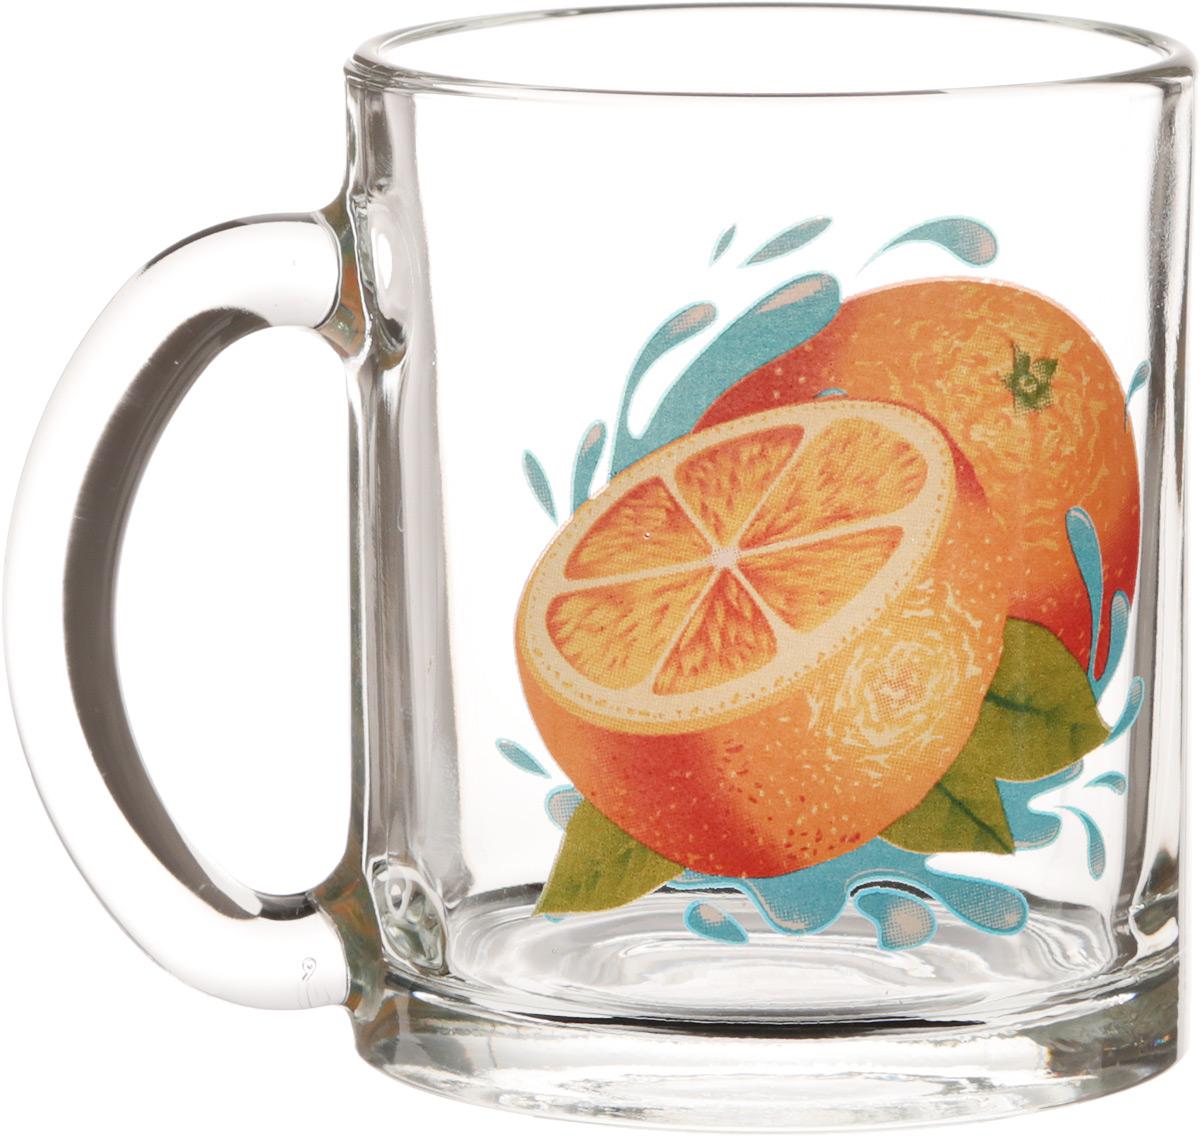 Кружка OSZ Чайная. Апельсин, 320 мл04C1208-APKКружка ЧАЙНАЯ АПЕЛЬСИН К 320мл.Изготовлено из стекла.